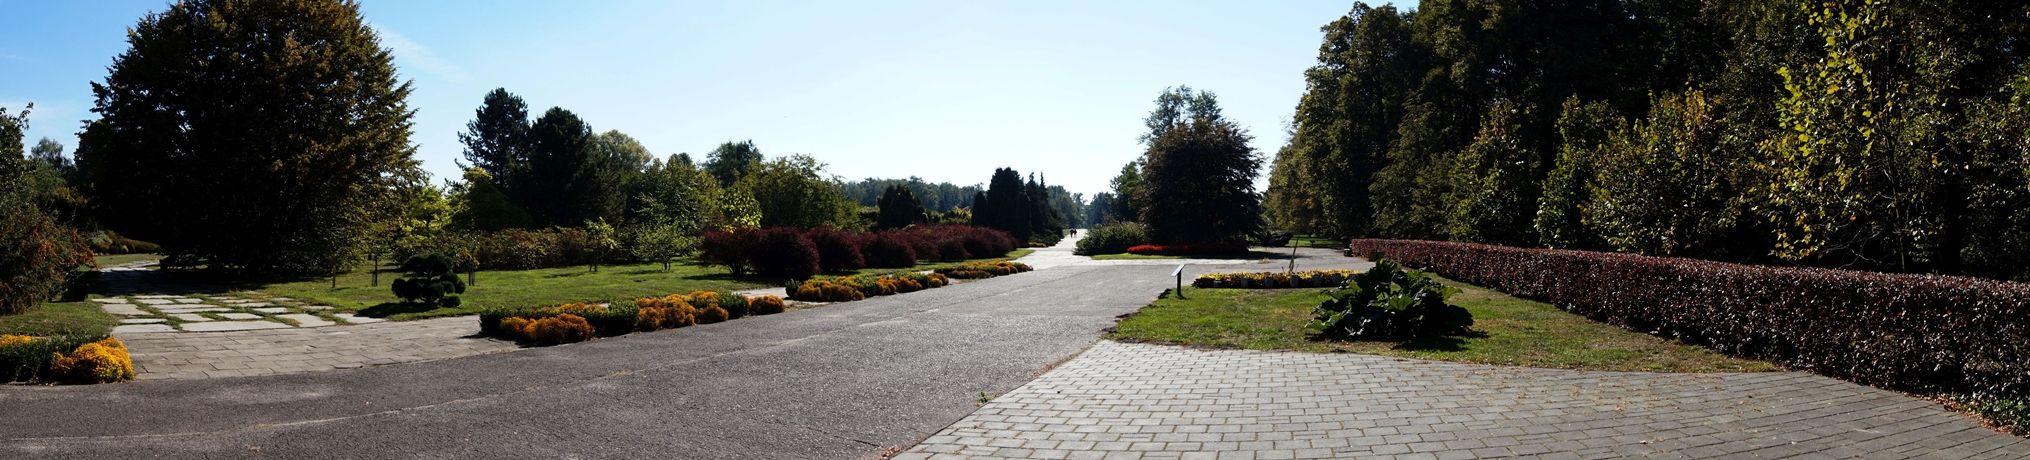 Ogród Botaniczny 1